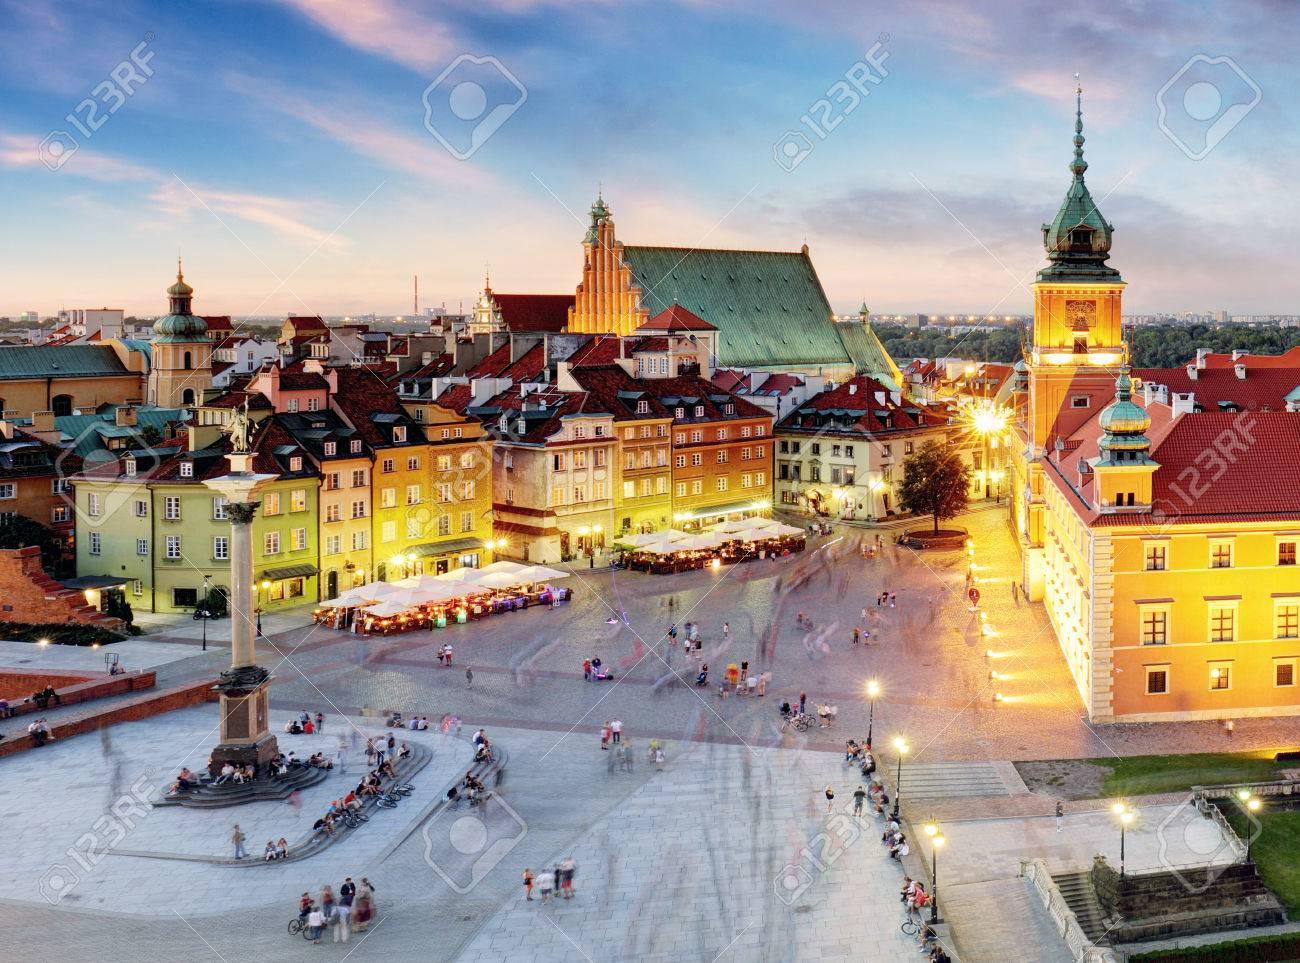 Warsaw, Old Town Warsaw, Poland during sunset. - 71563182